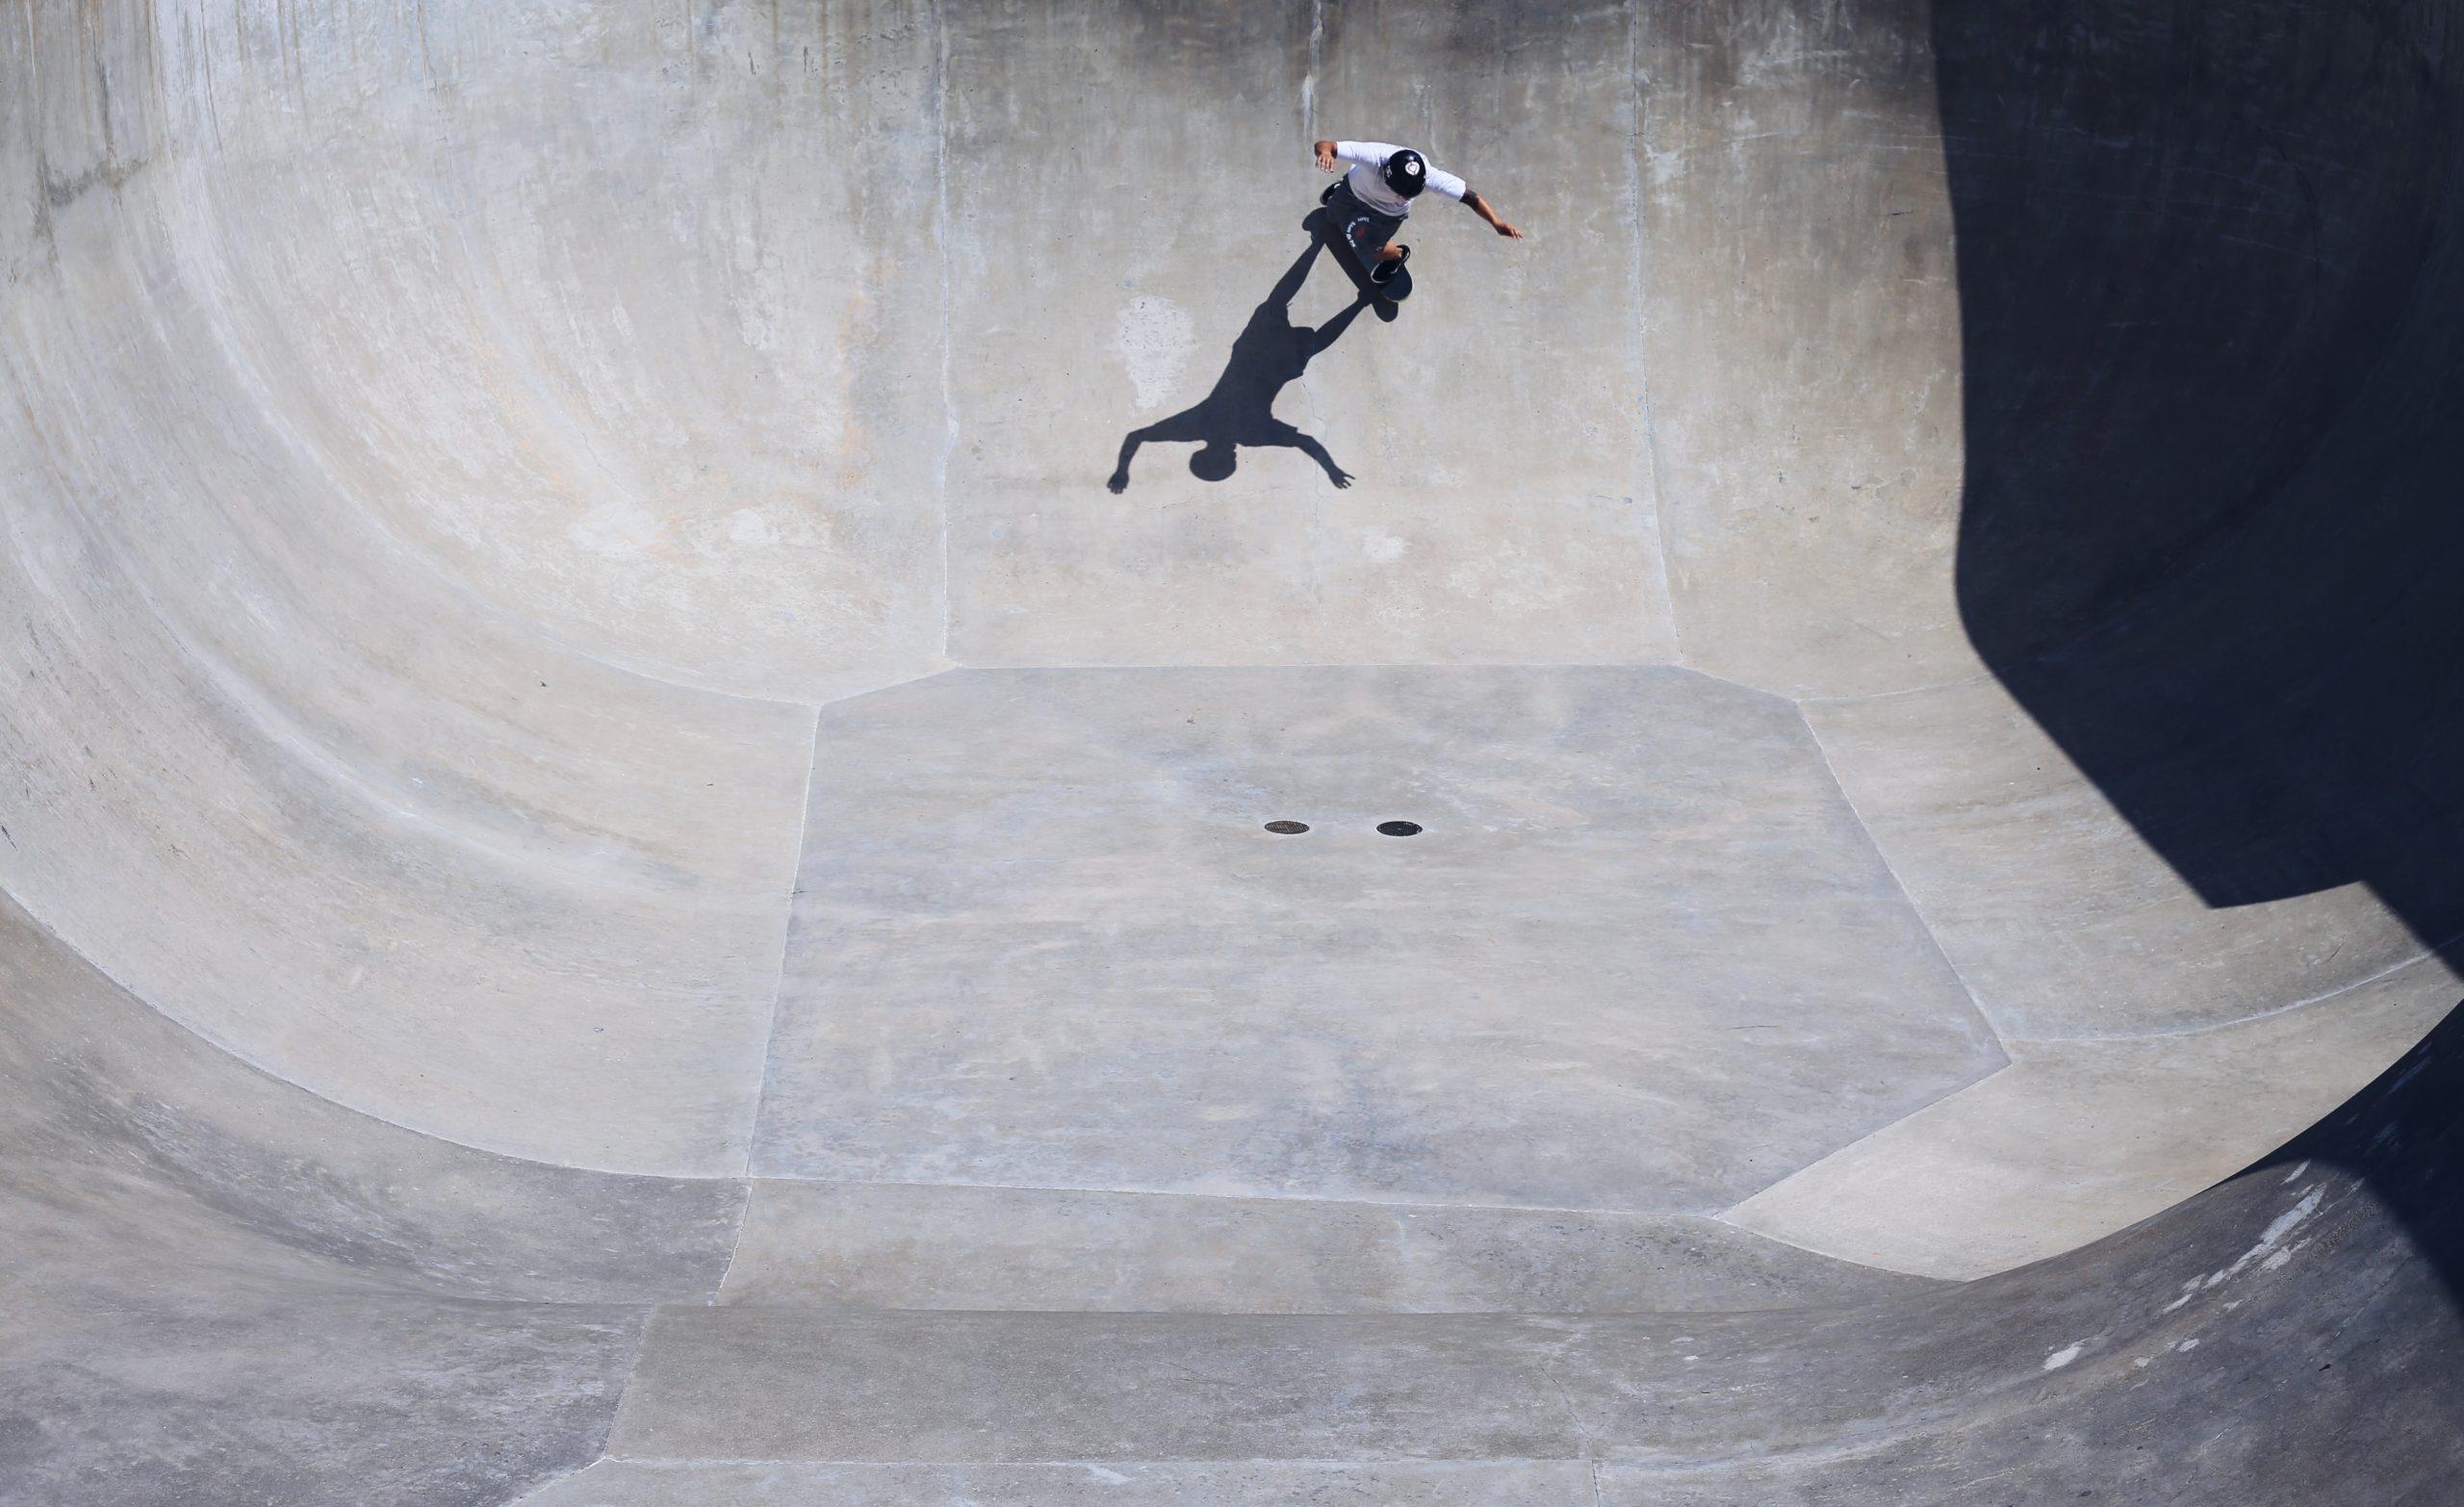 jennifer-bedoya-skatepark